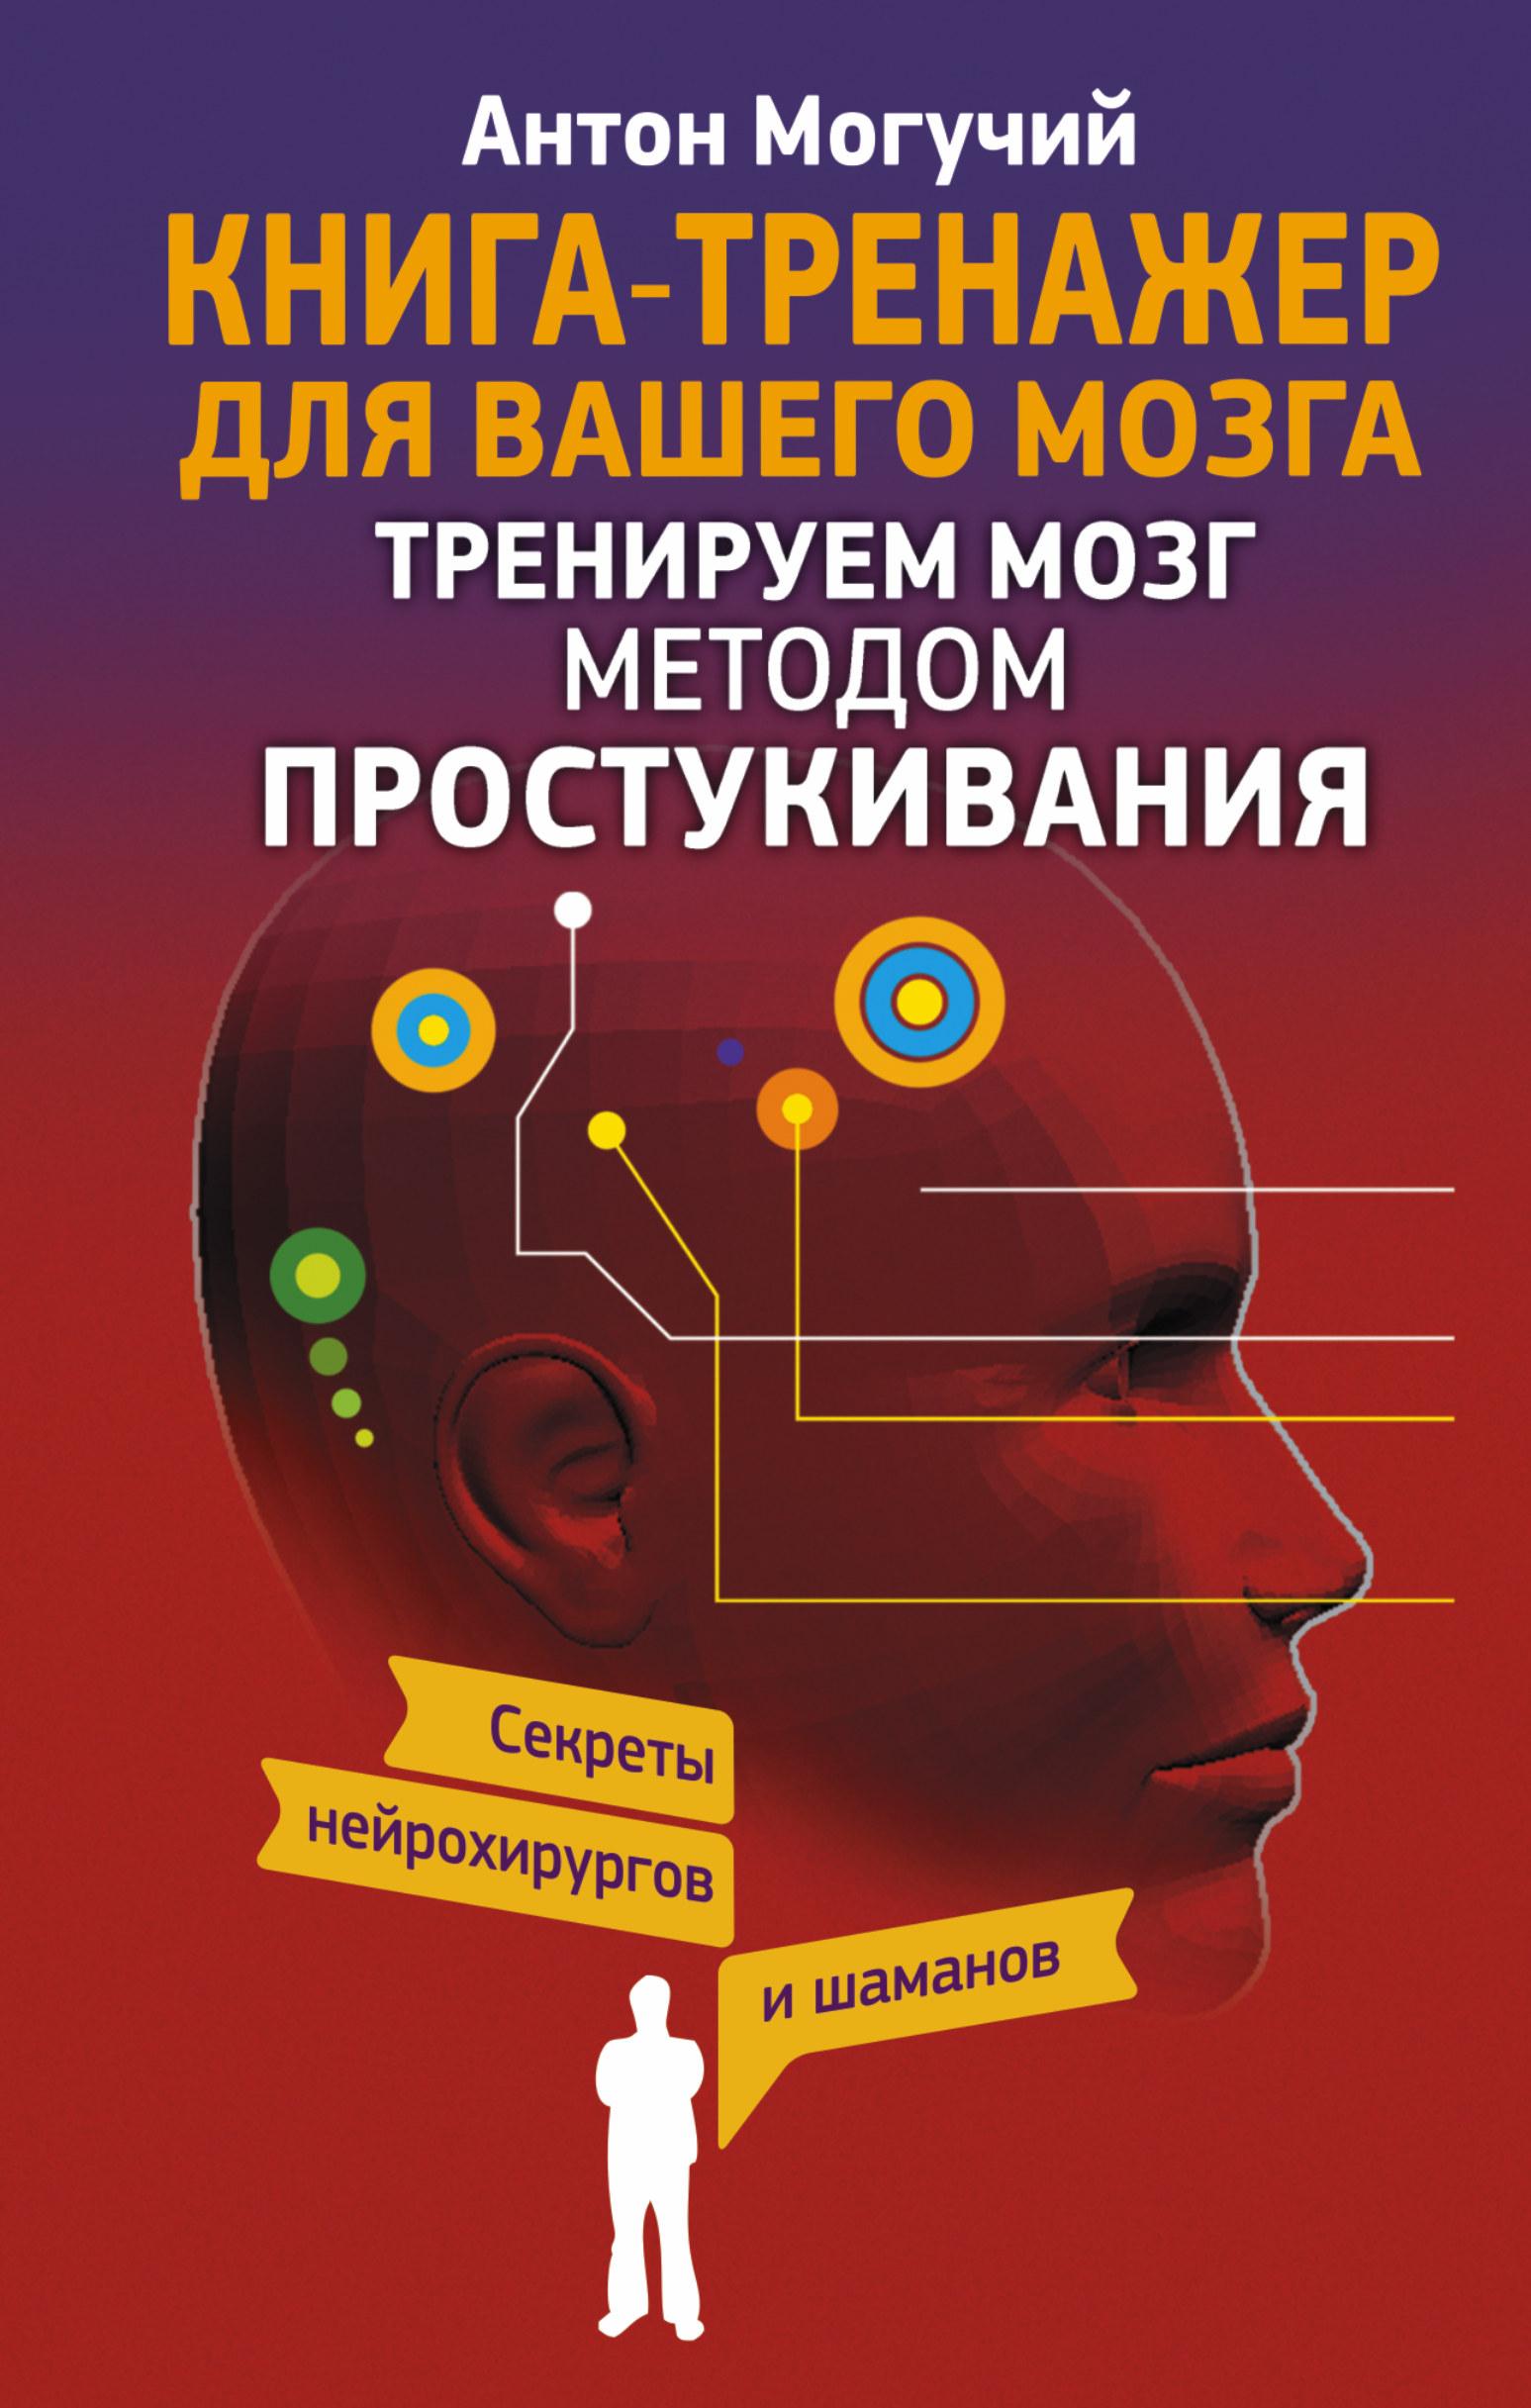 Антон Могучий «Тренируем мозг методом простукивания. Секреты нейрохирургов и шаманов»